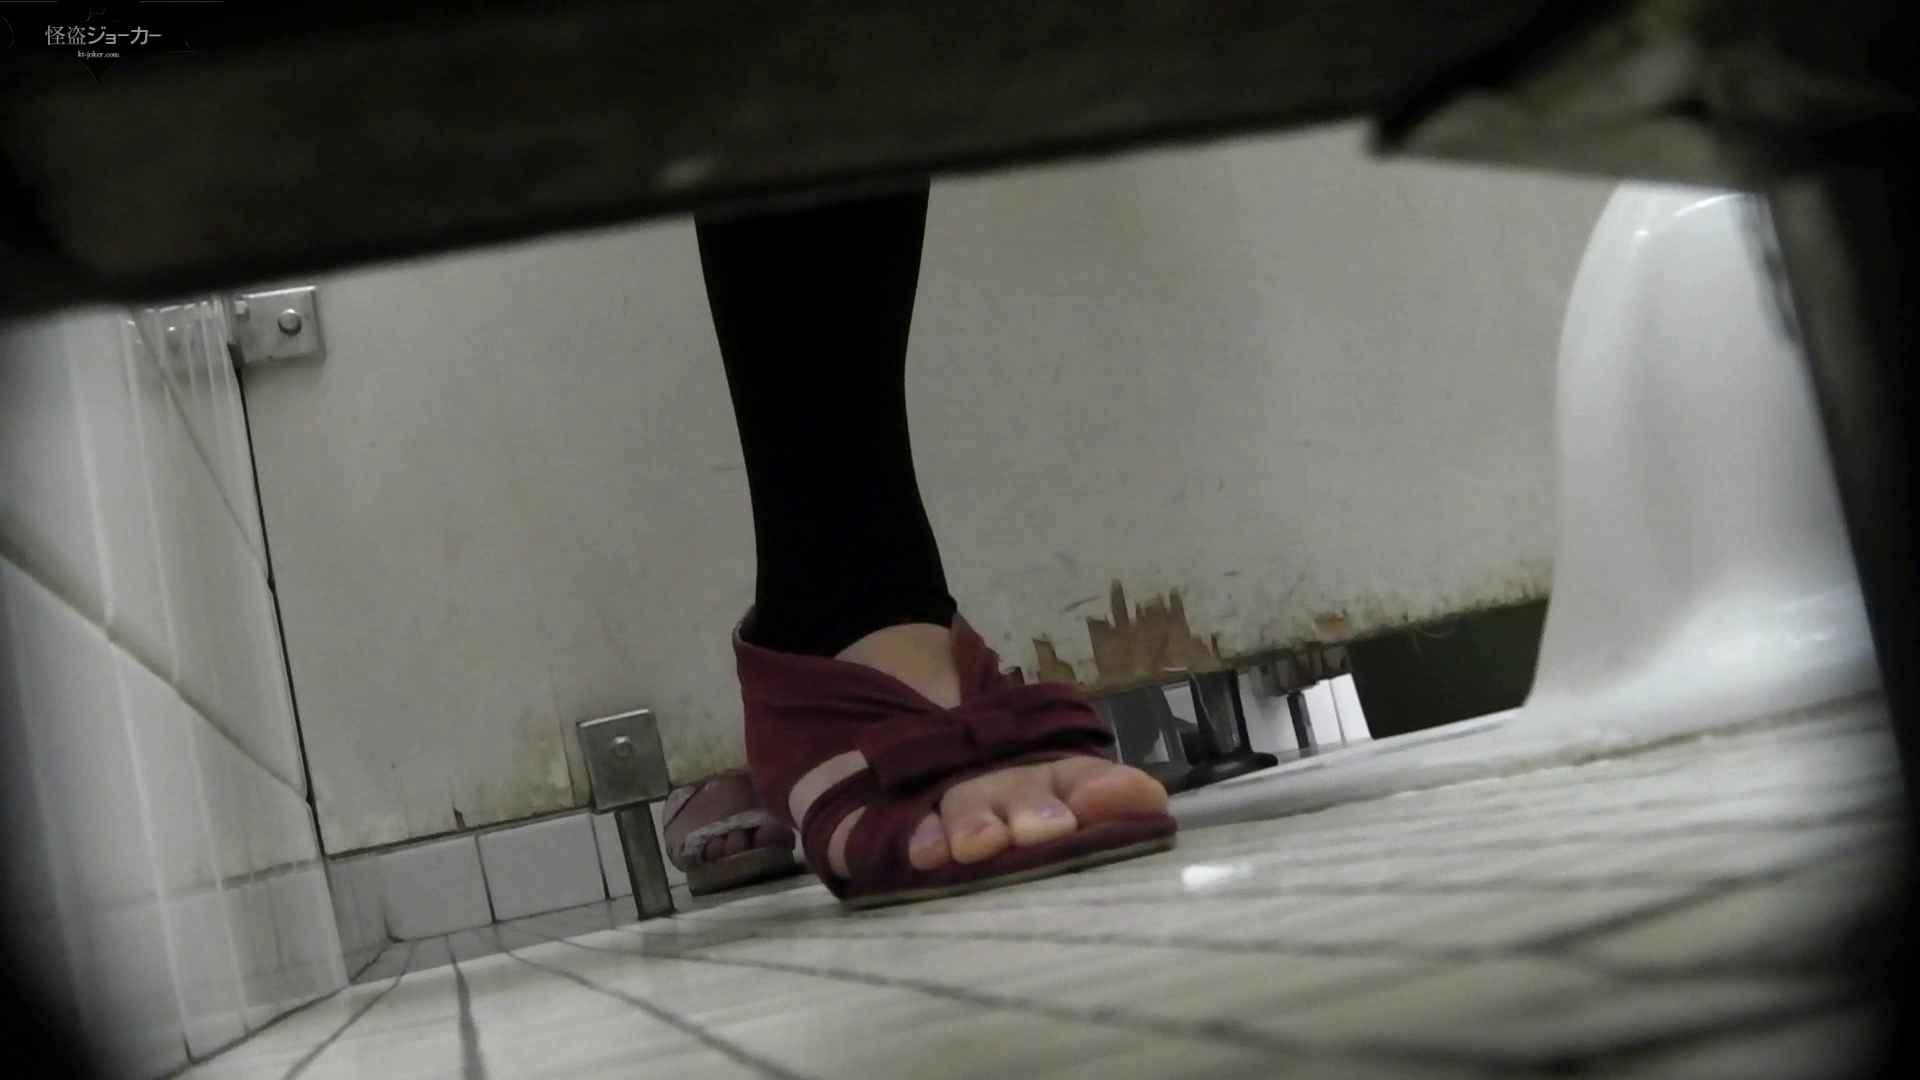 【美しき個室な世界】洗面所特攻隊 vol.051 洗面所 | OLのボディ  72PIX 1